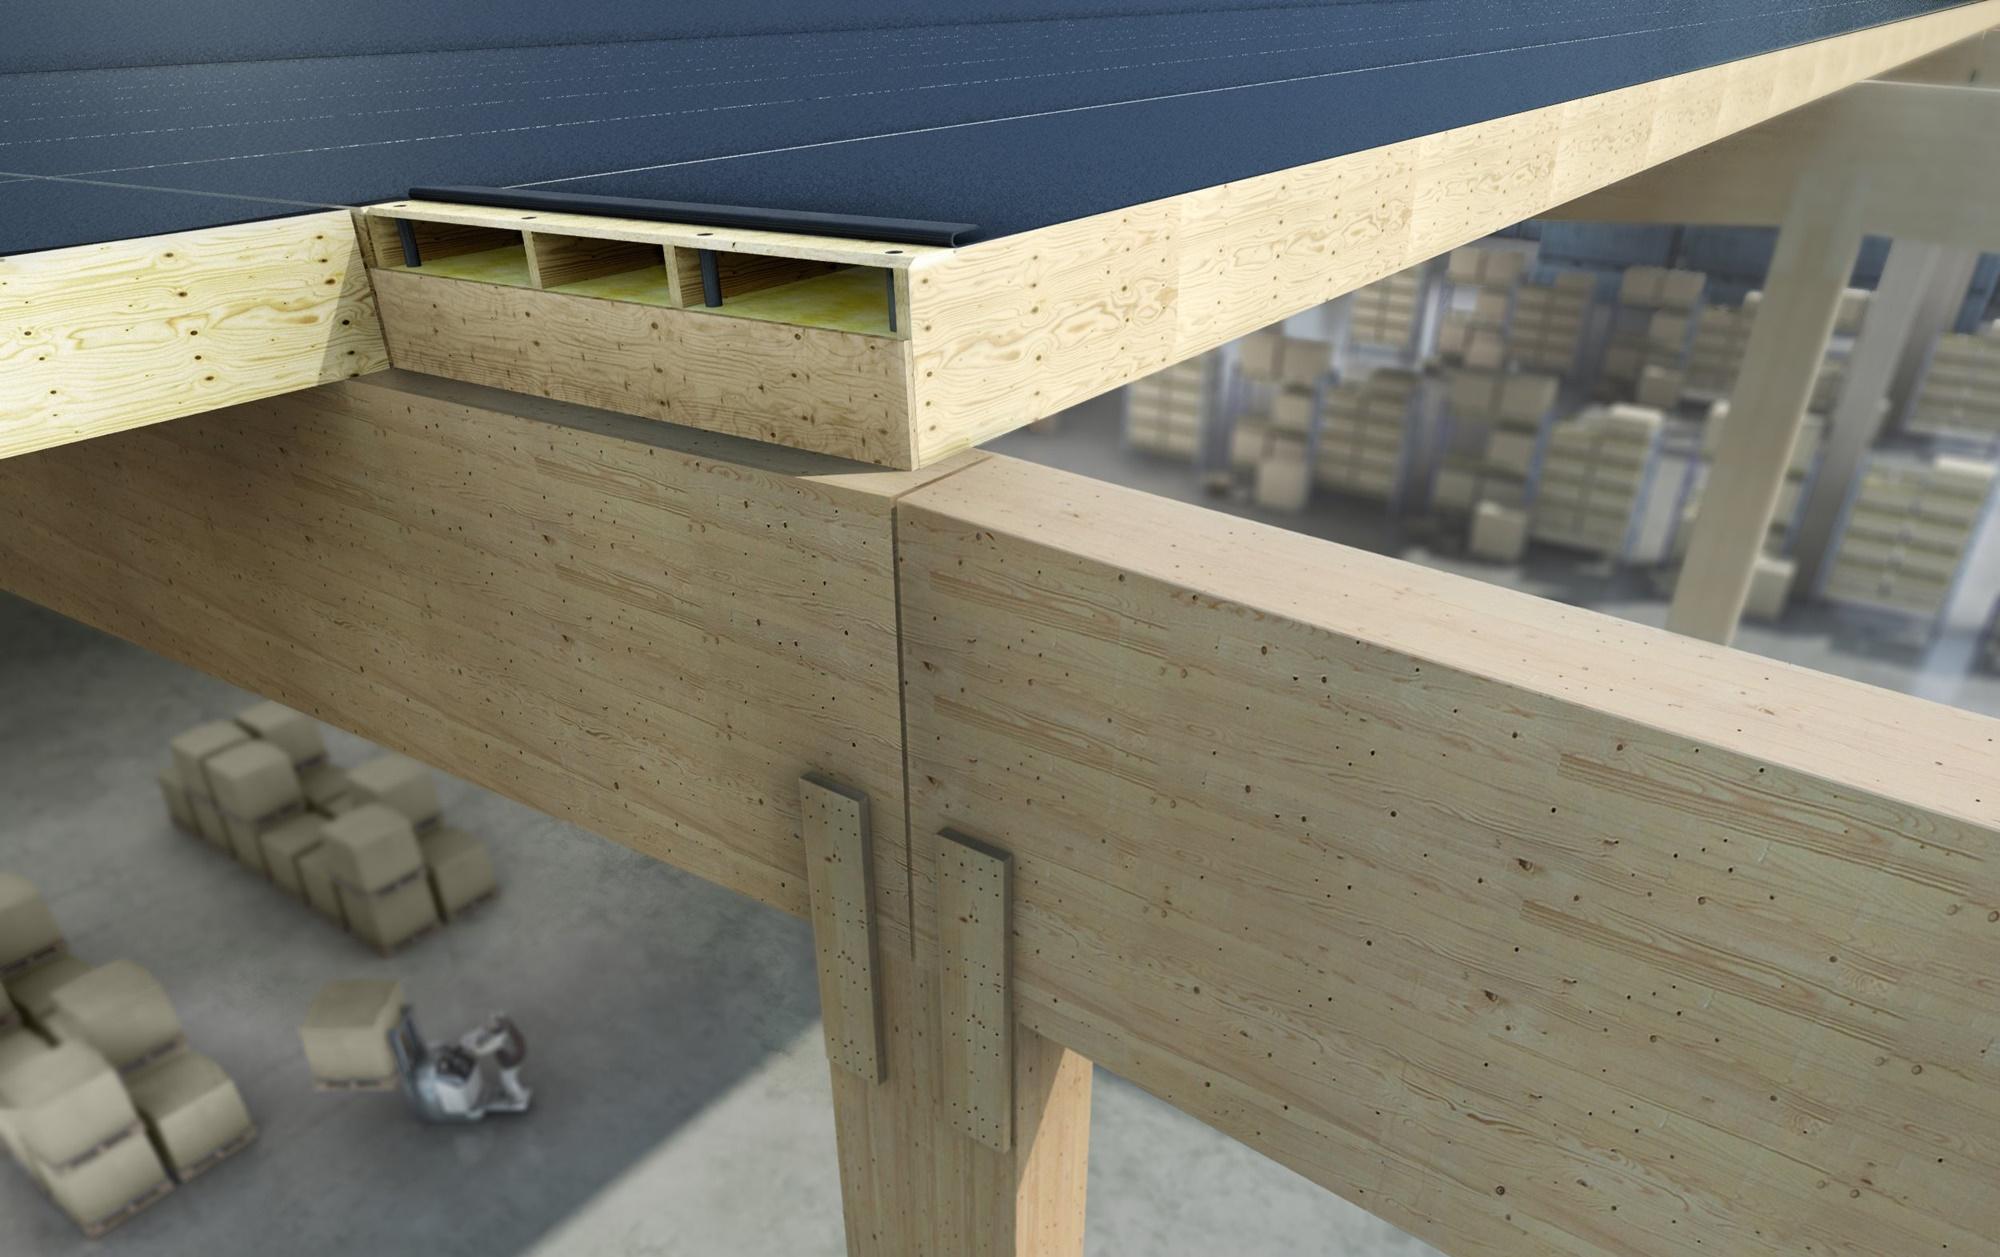 Hekwerk Tuin Gamma : Ijzeren palen gamma estructura de madera madera estructural